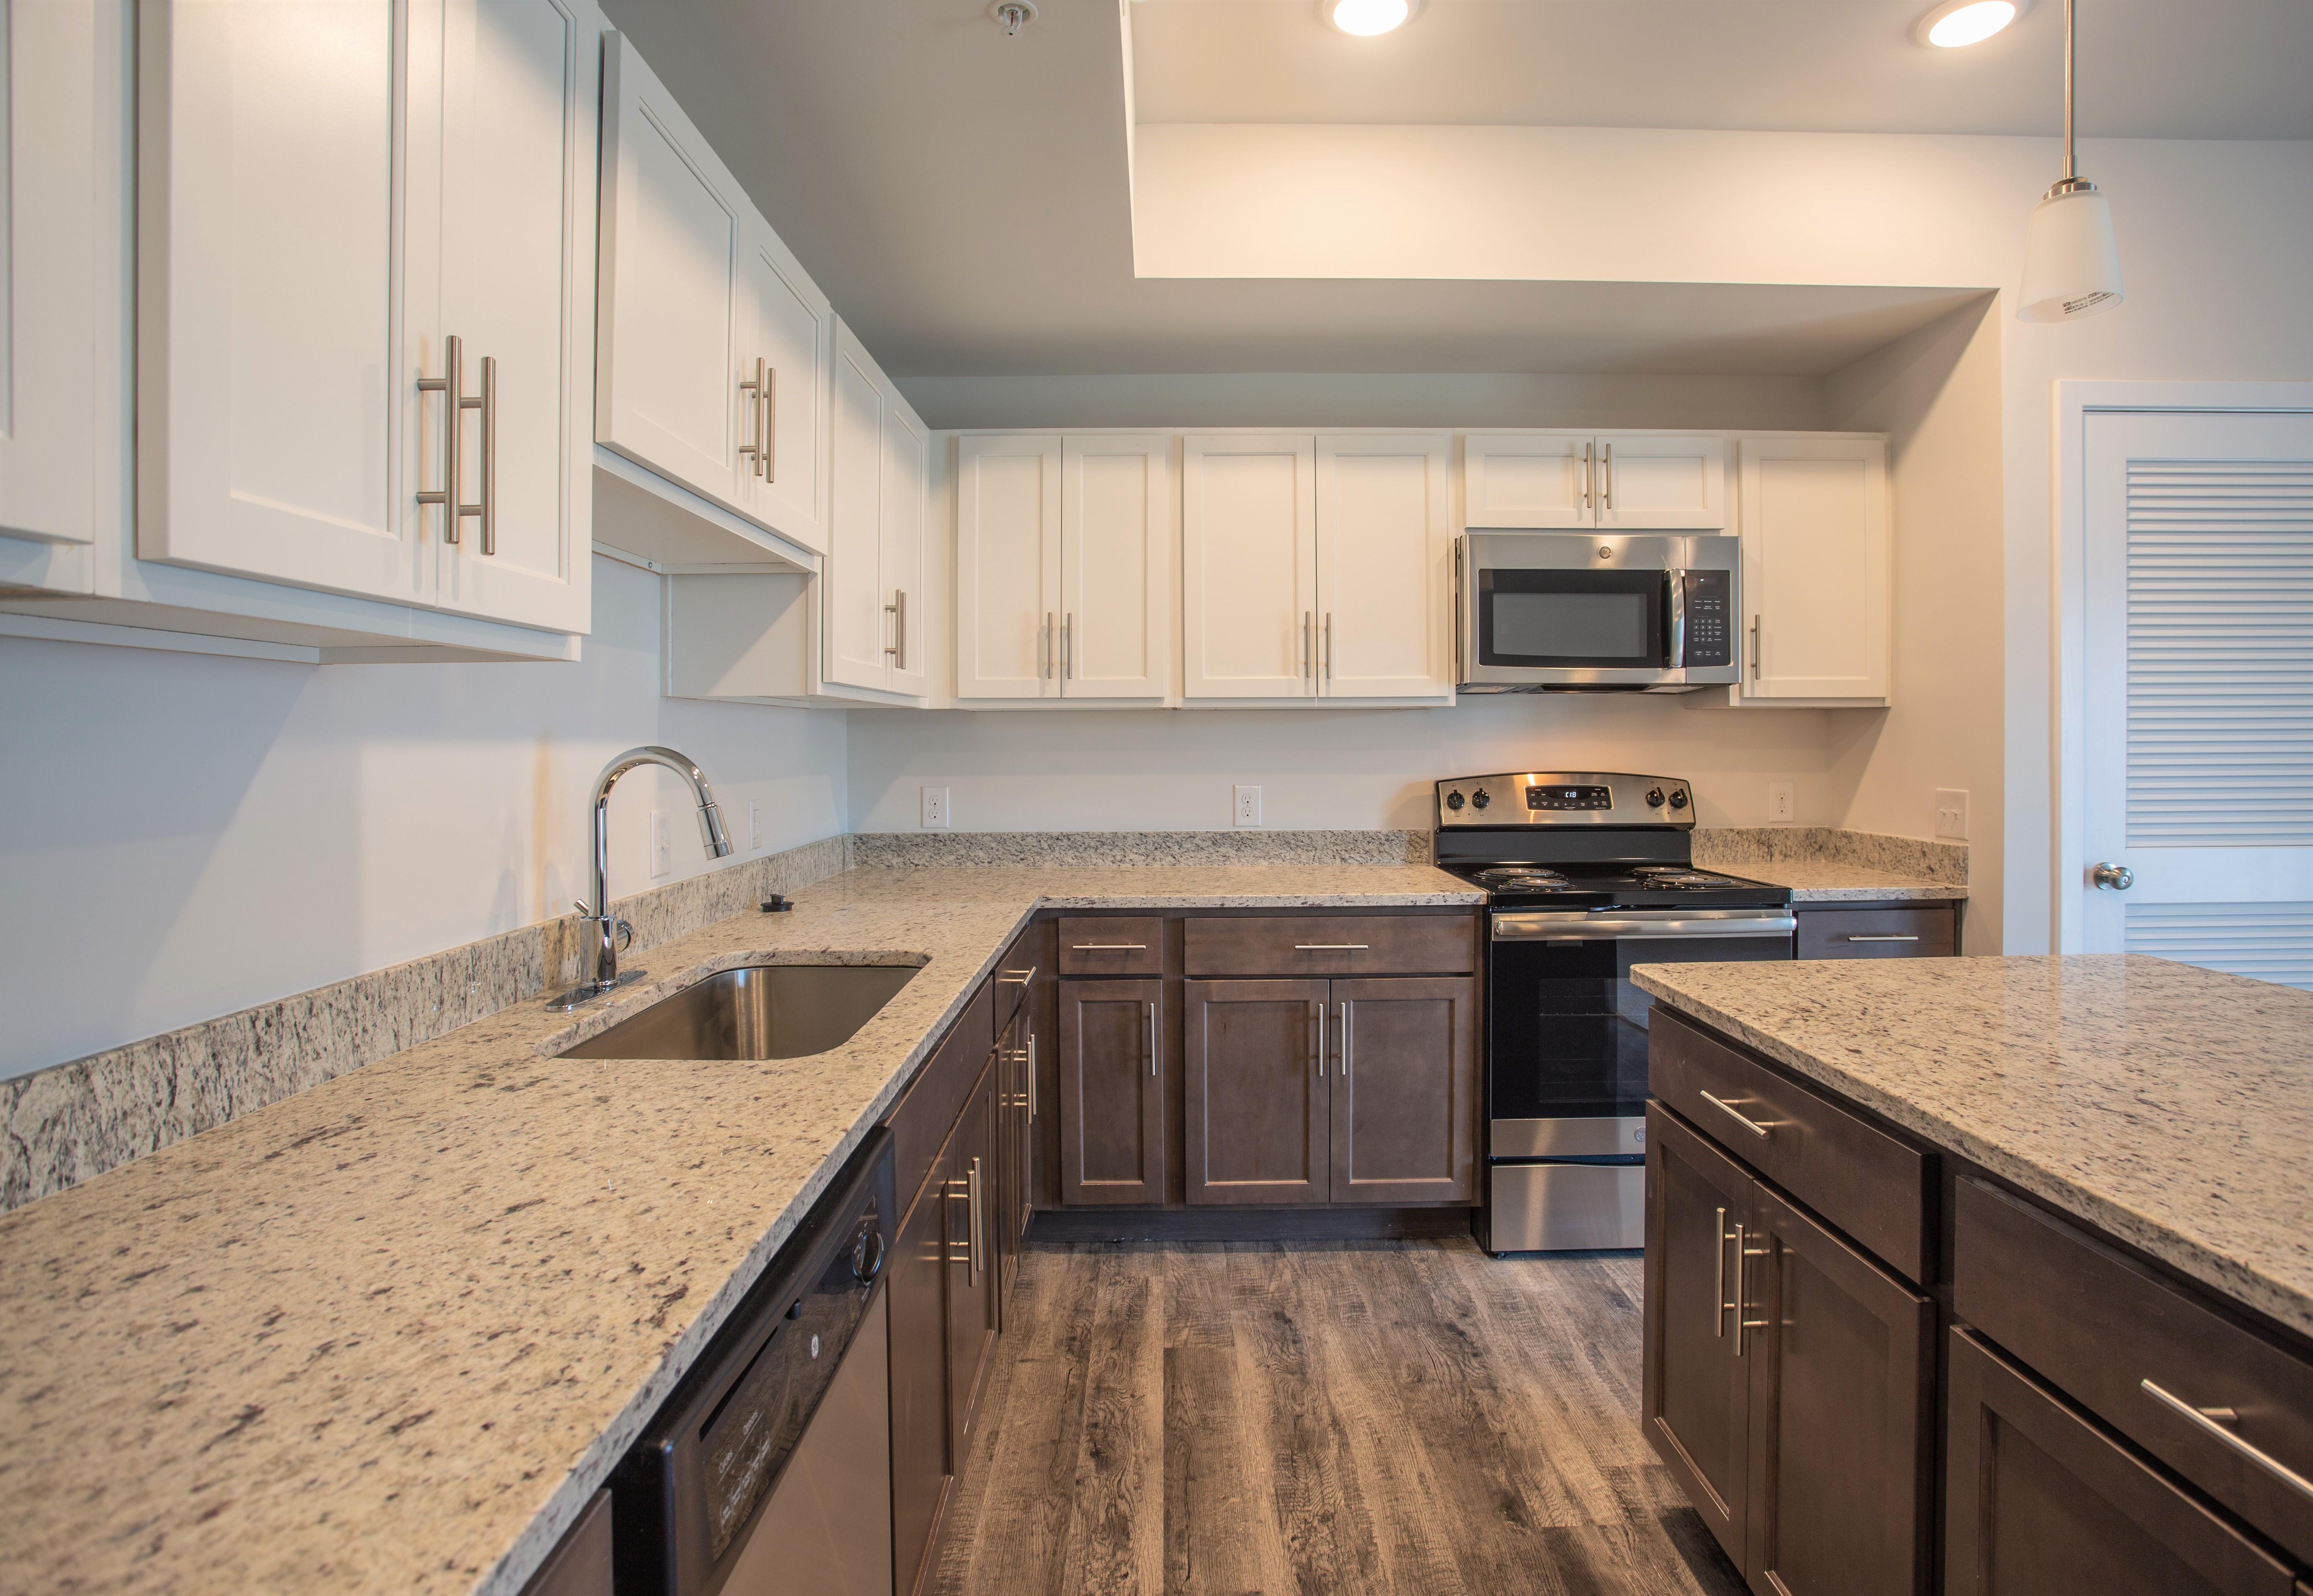 Apartments Near Old Dominion PARK 216 Luxury Apartments for Old Dominion University Students in Norfolk, VA